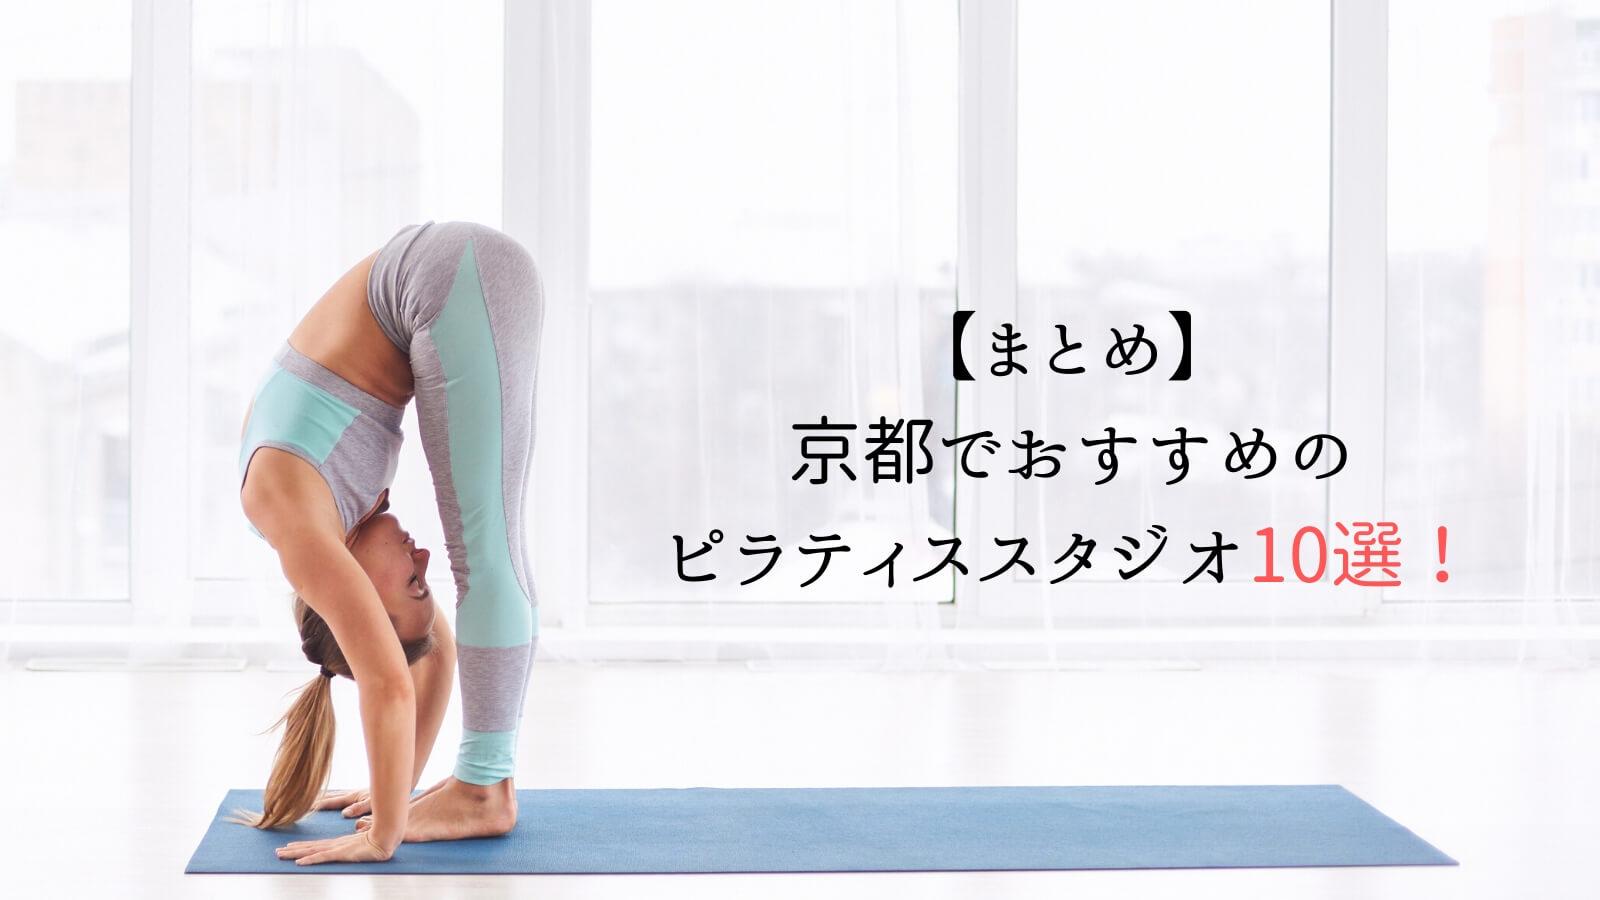 【まとめ】京都でおすすめのピラティススタジオ10選